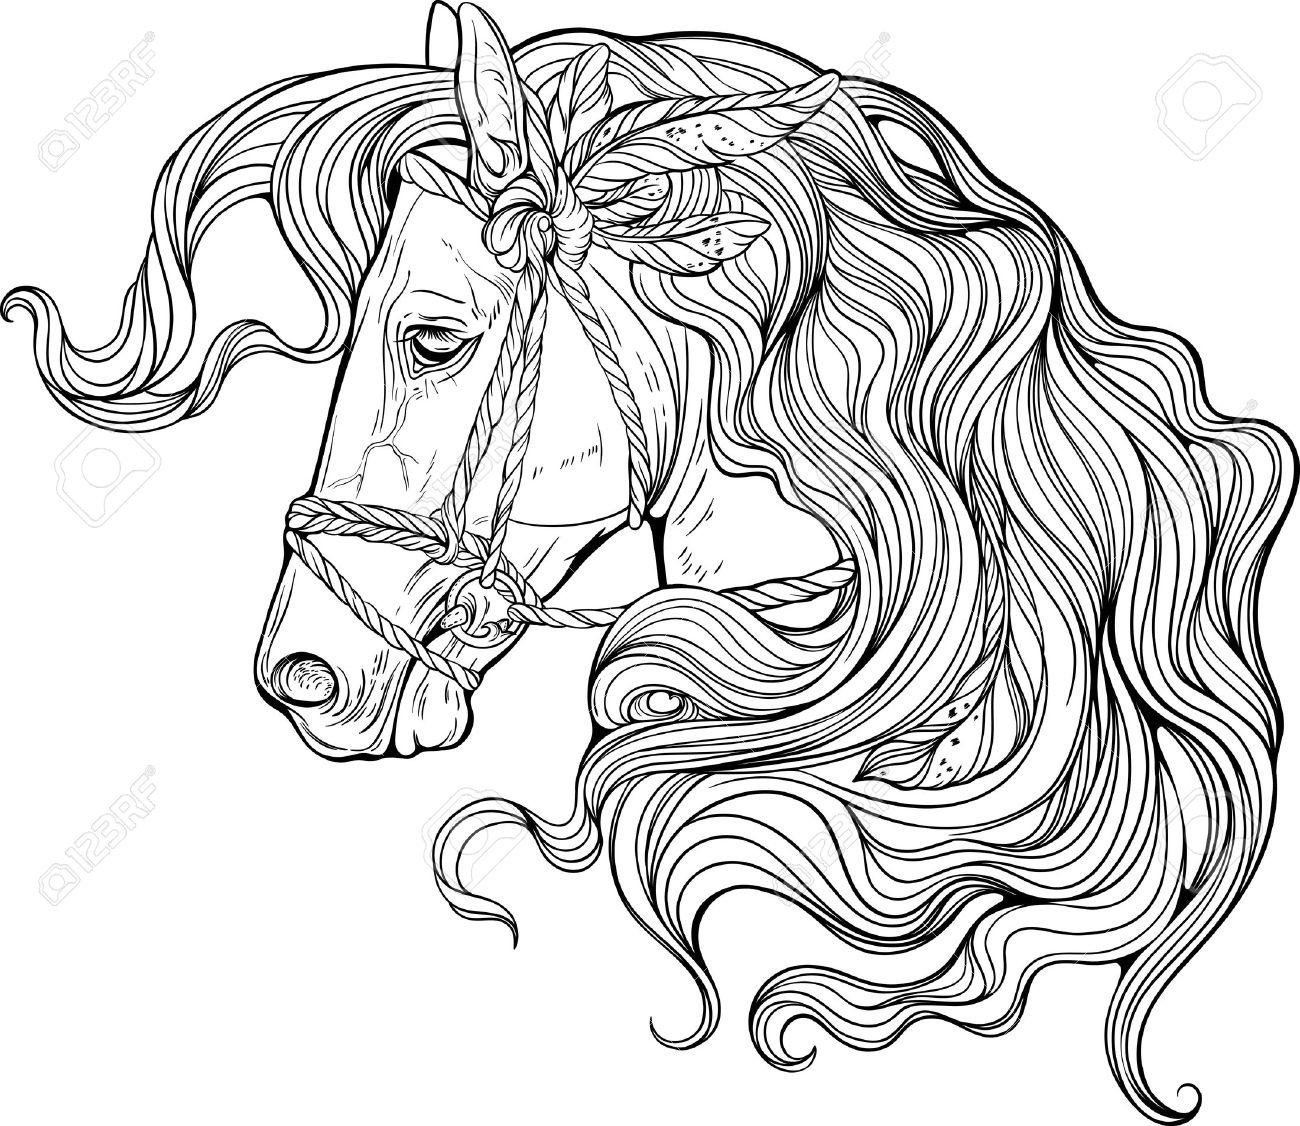 Portrait Eines Pferdes Mit Langen Dekoriert Mähne. Malvorlage